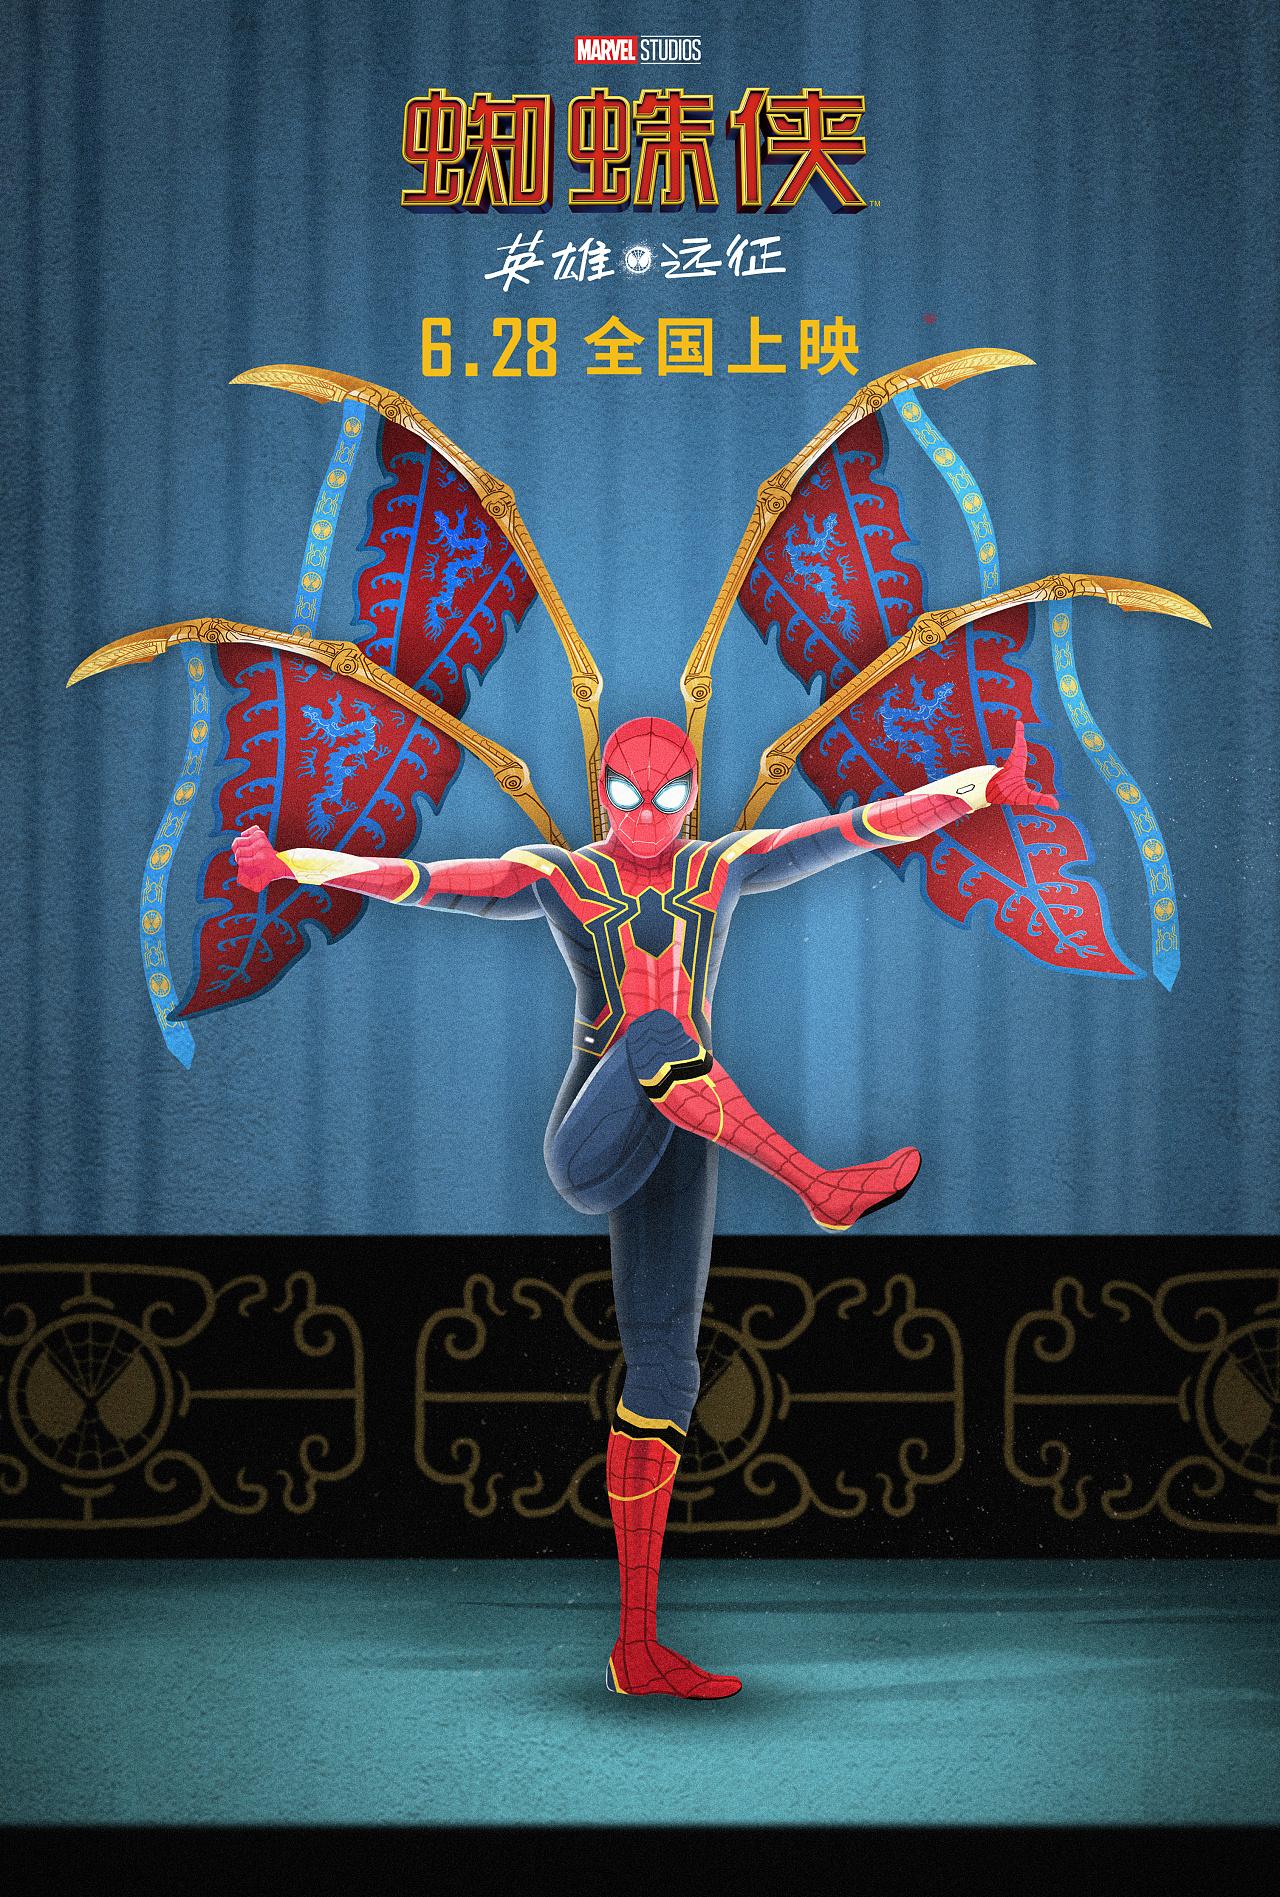 蜘蛛侠英雄远征中国风海报 插画 插画习作 Kwok盖 - 原创作品 - 站酷 (ZCOOL)